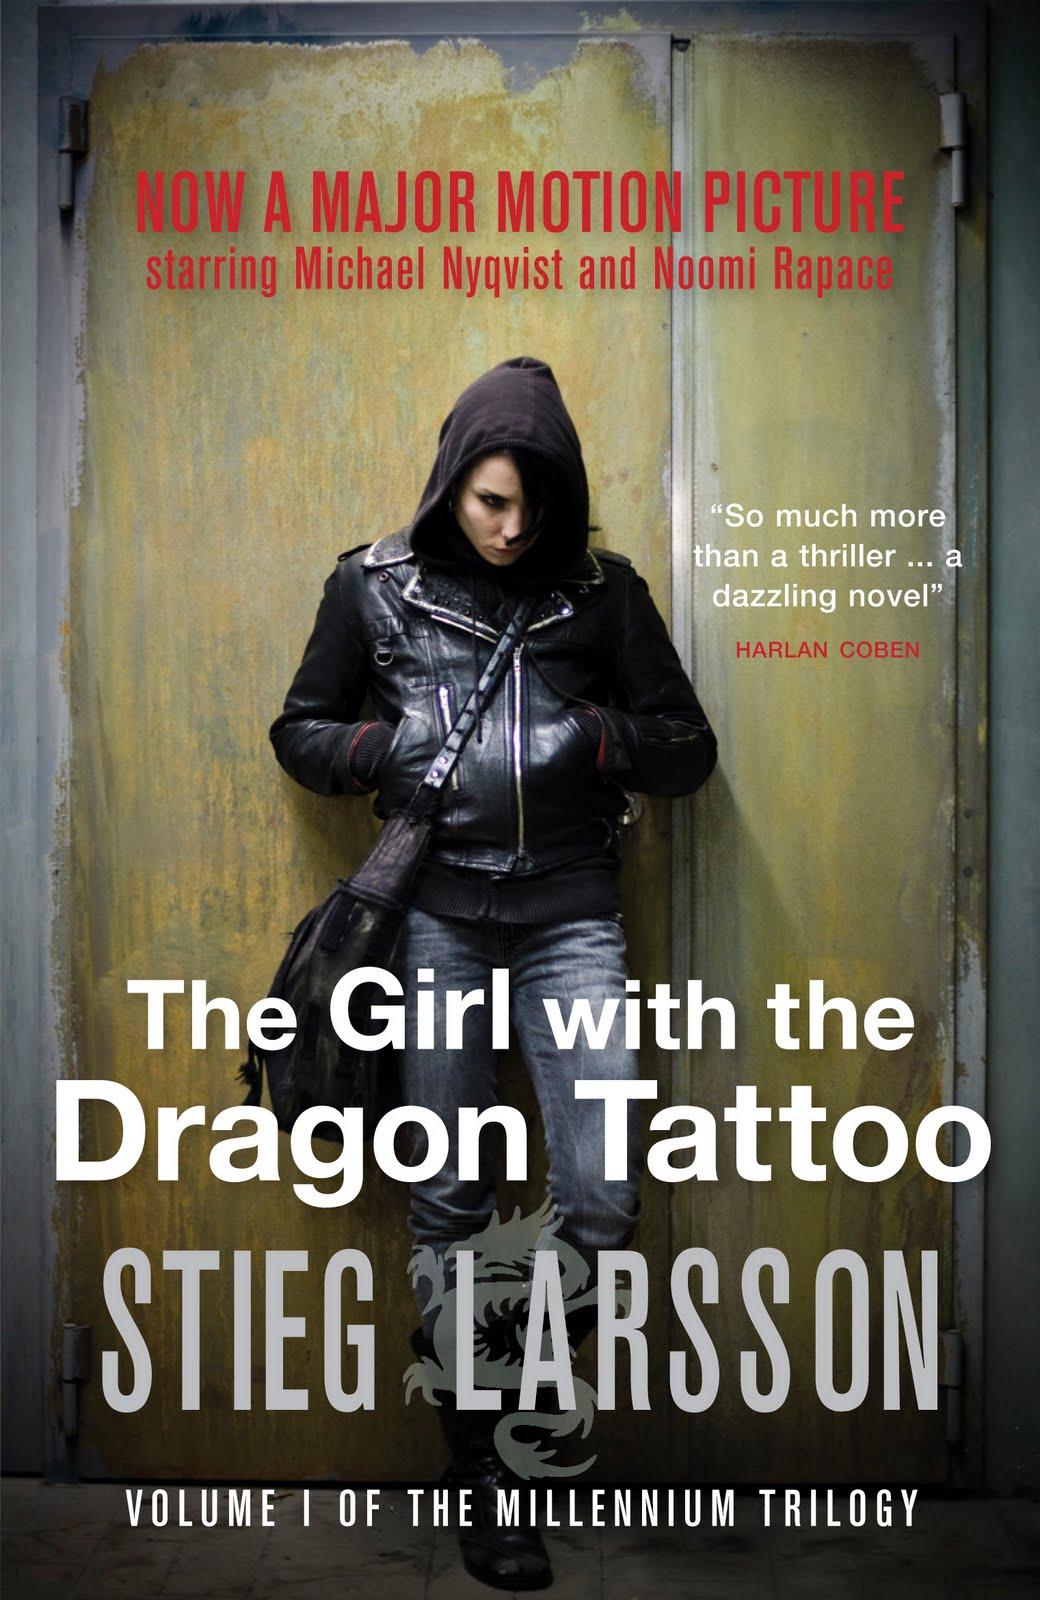 Lisbeth Salander Para El Remake De The Girl With The Dragon Tattoo